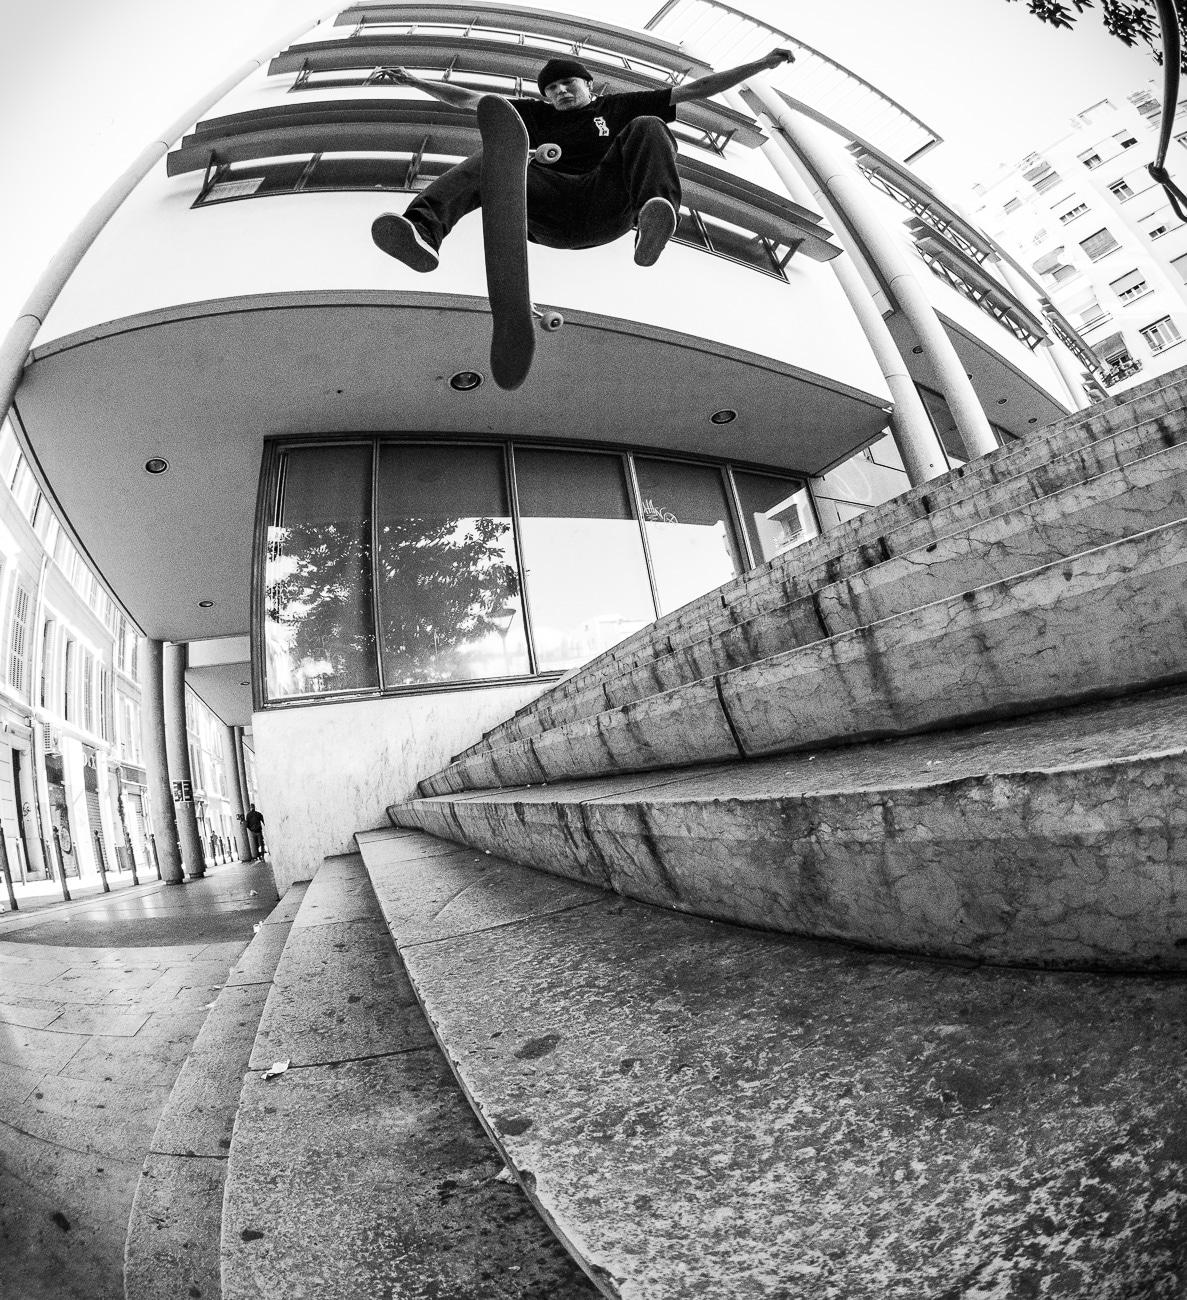 faust-in-marseille-Skate-Trip-irregularskatemag-fabian-reichenbach-38